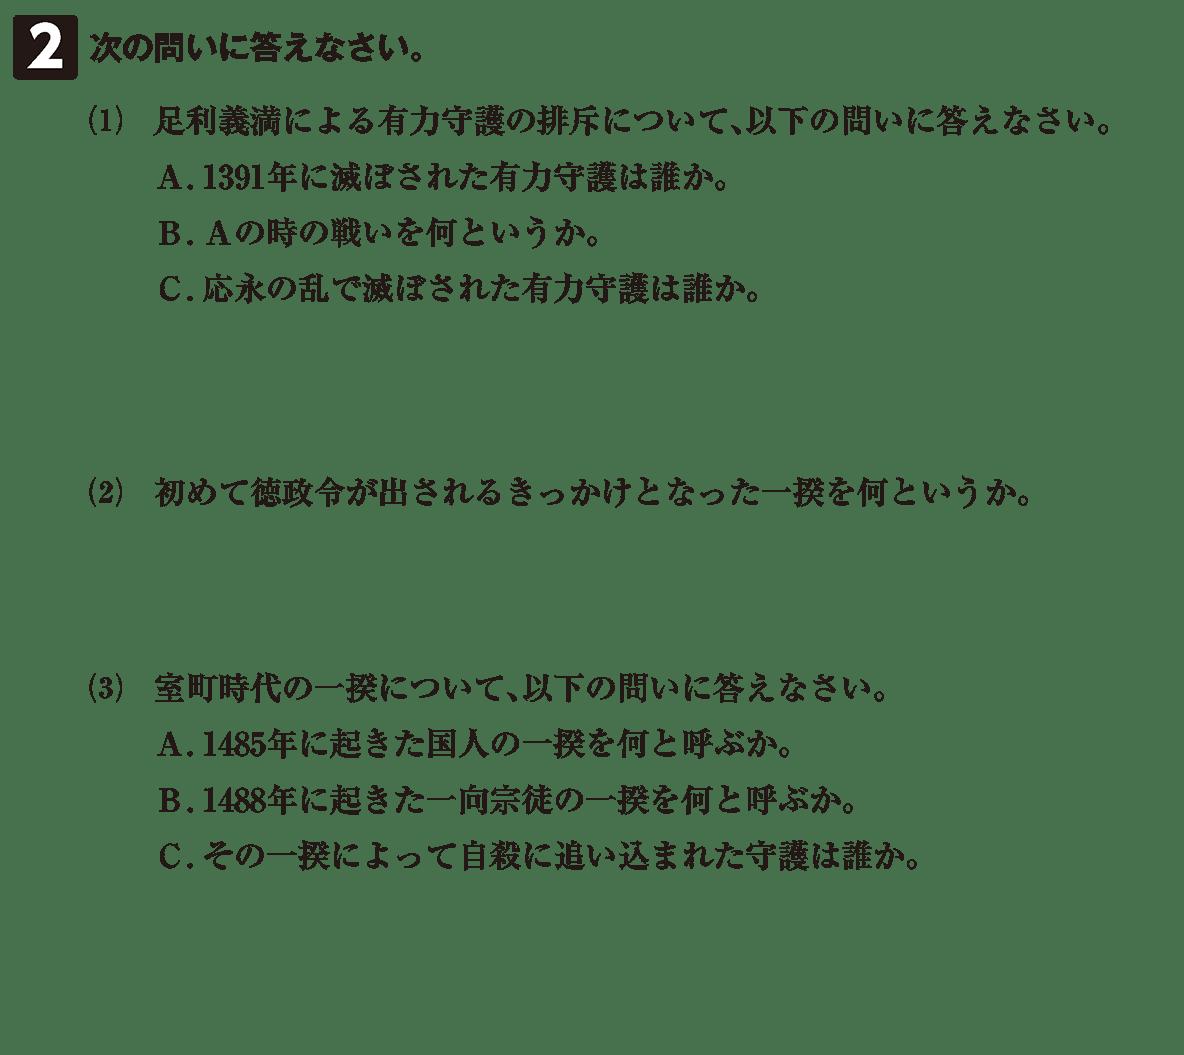 中世30 問題2 問題